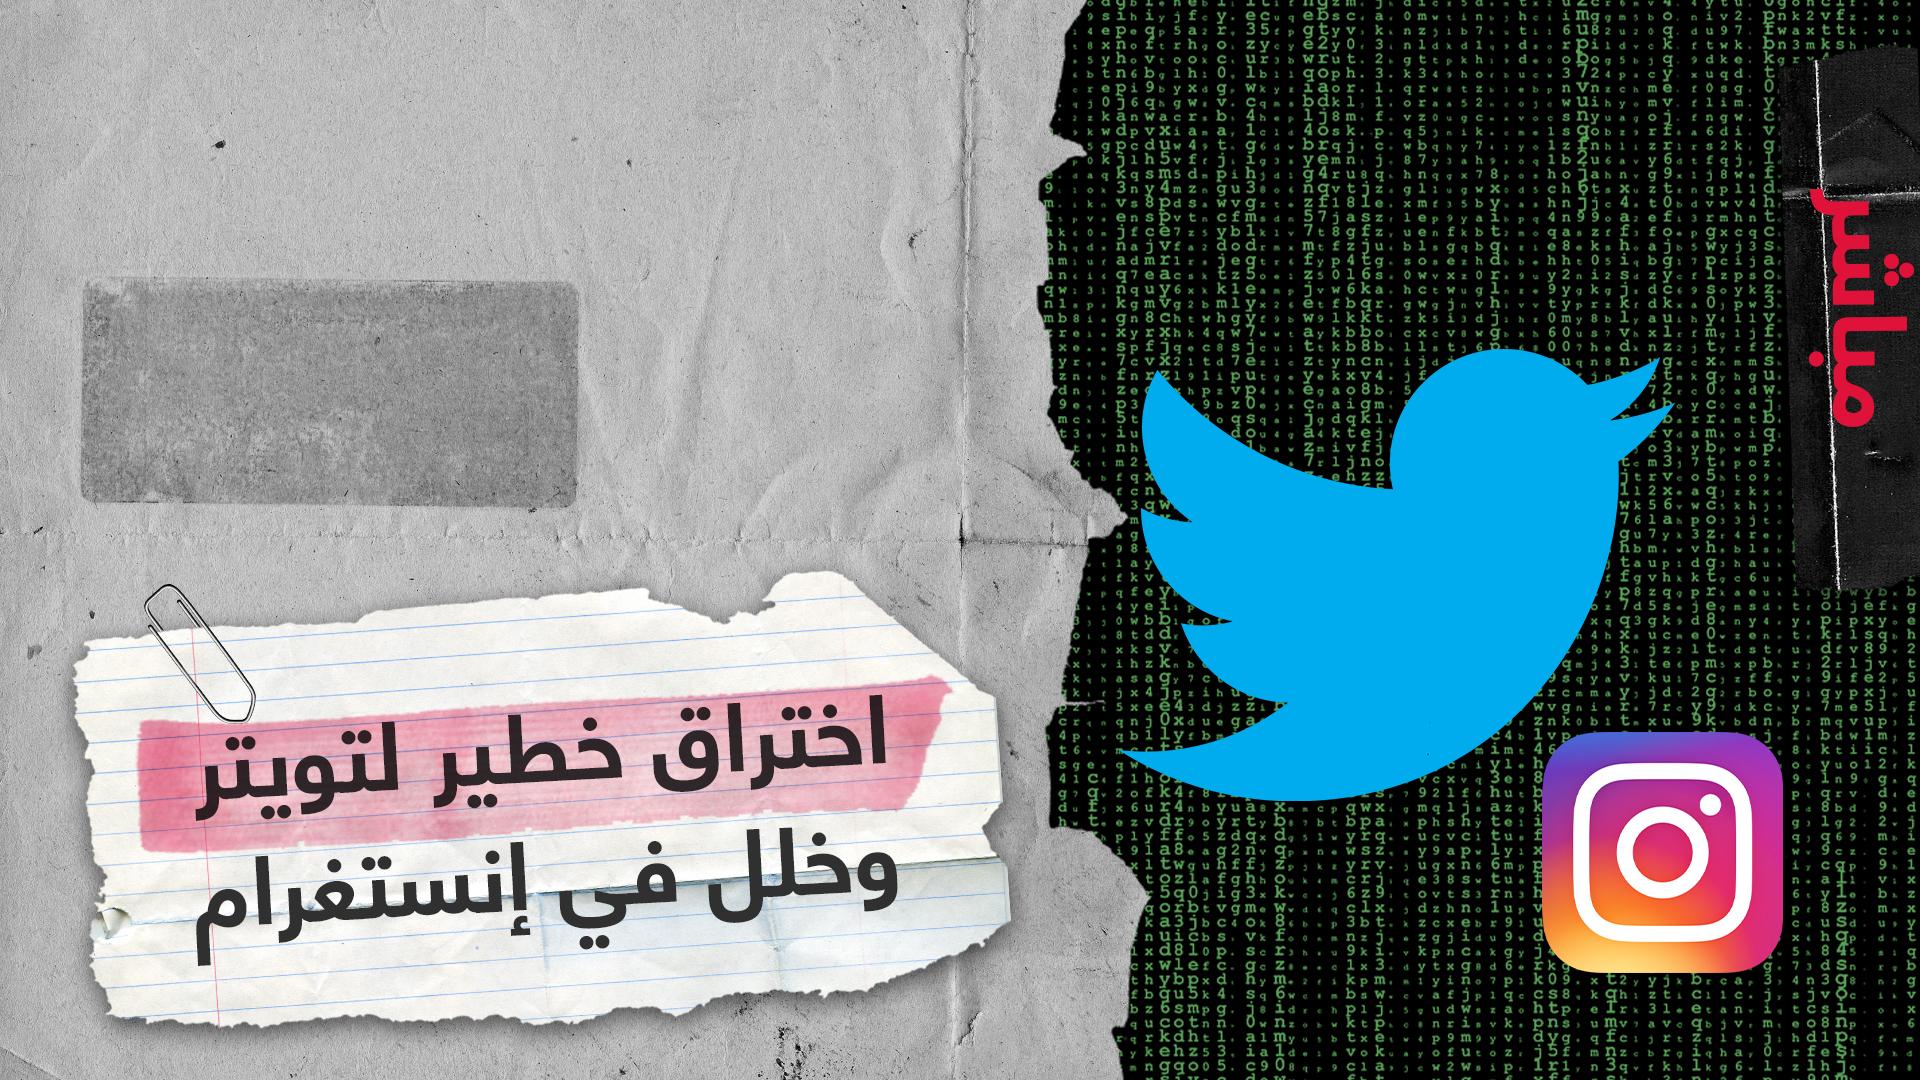 اختراق غير مسبوق شمل مسؤولي موقع تويتر وساسة ومشاهير وتسبب بنهب أموال مستخدمين